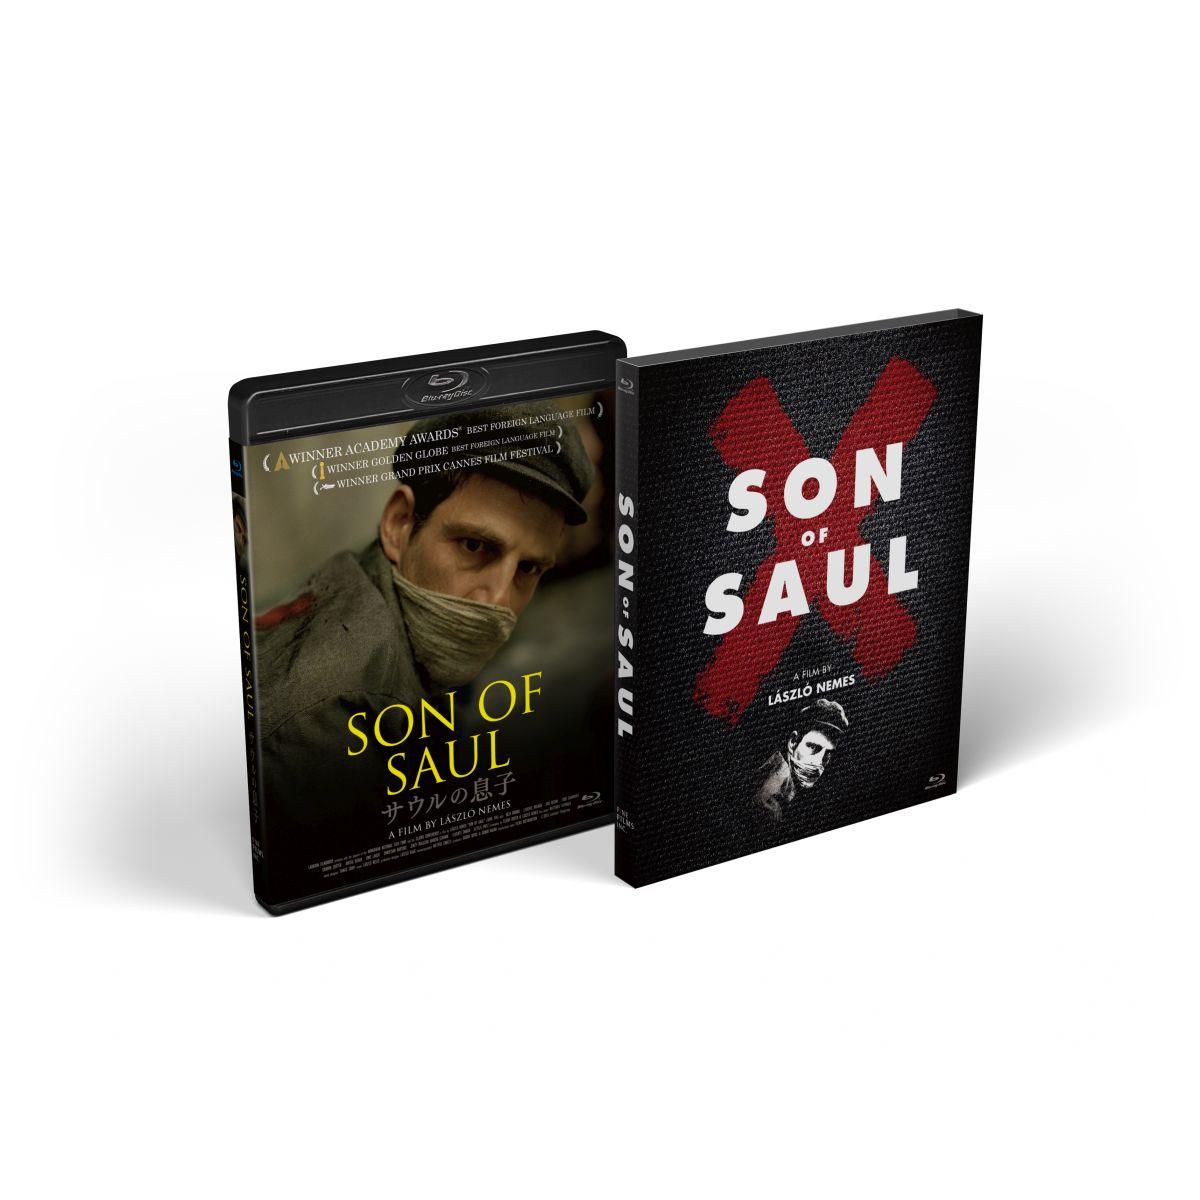 サウルの息子[HPXR-64][Blu-ray/ブルーレイ] 製品画像